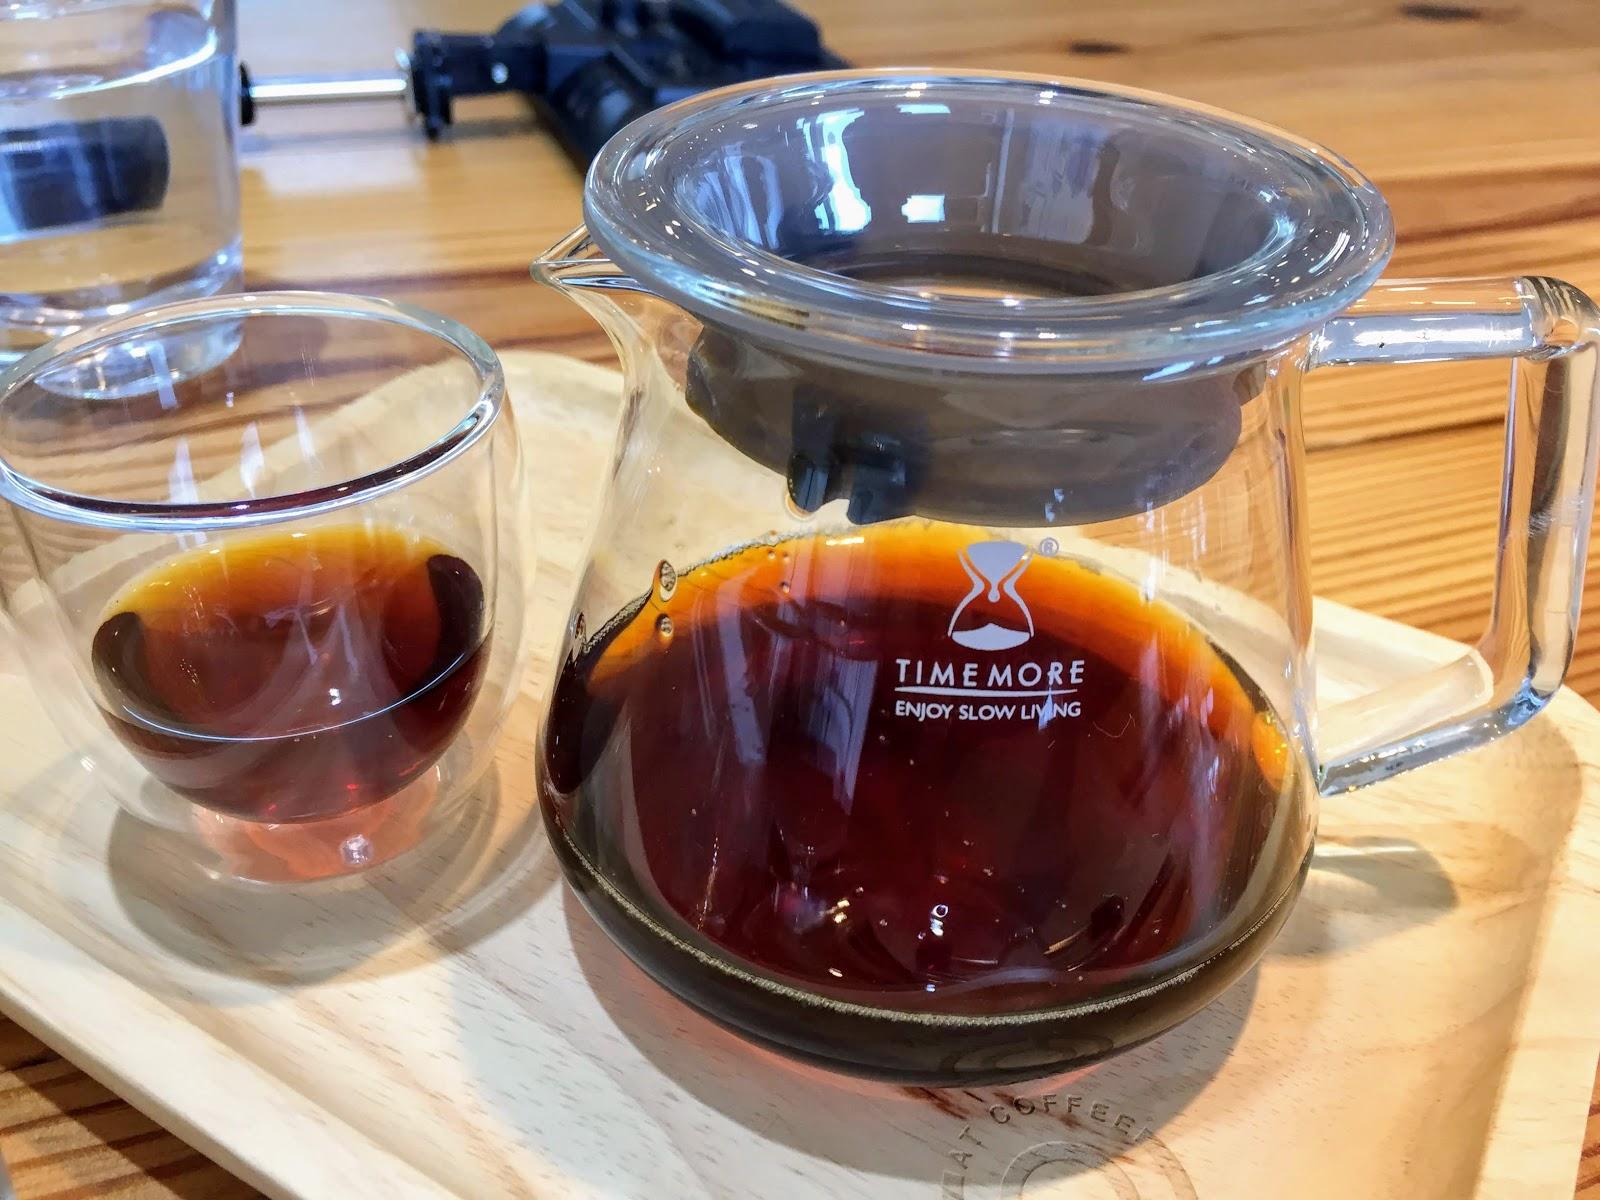 台南│咖啡甜點│艾緹咖啡AT Coffee│誰說咖啡甜點只能擇一